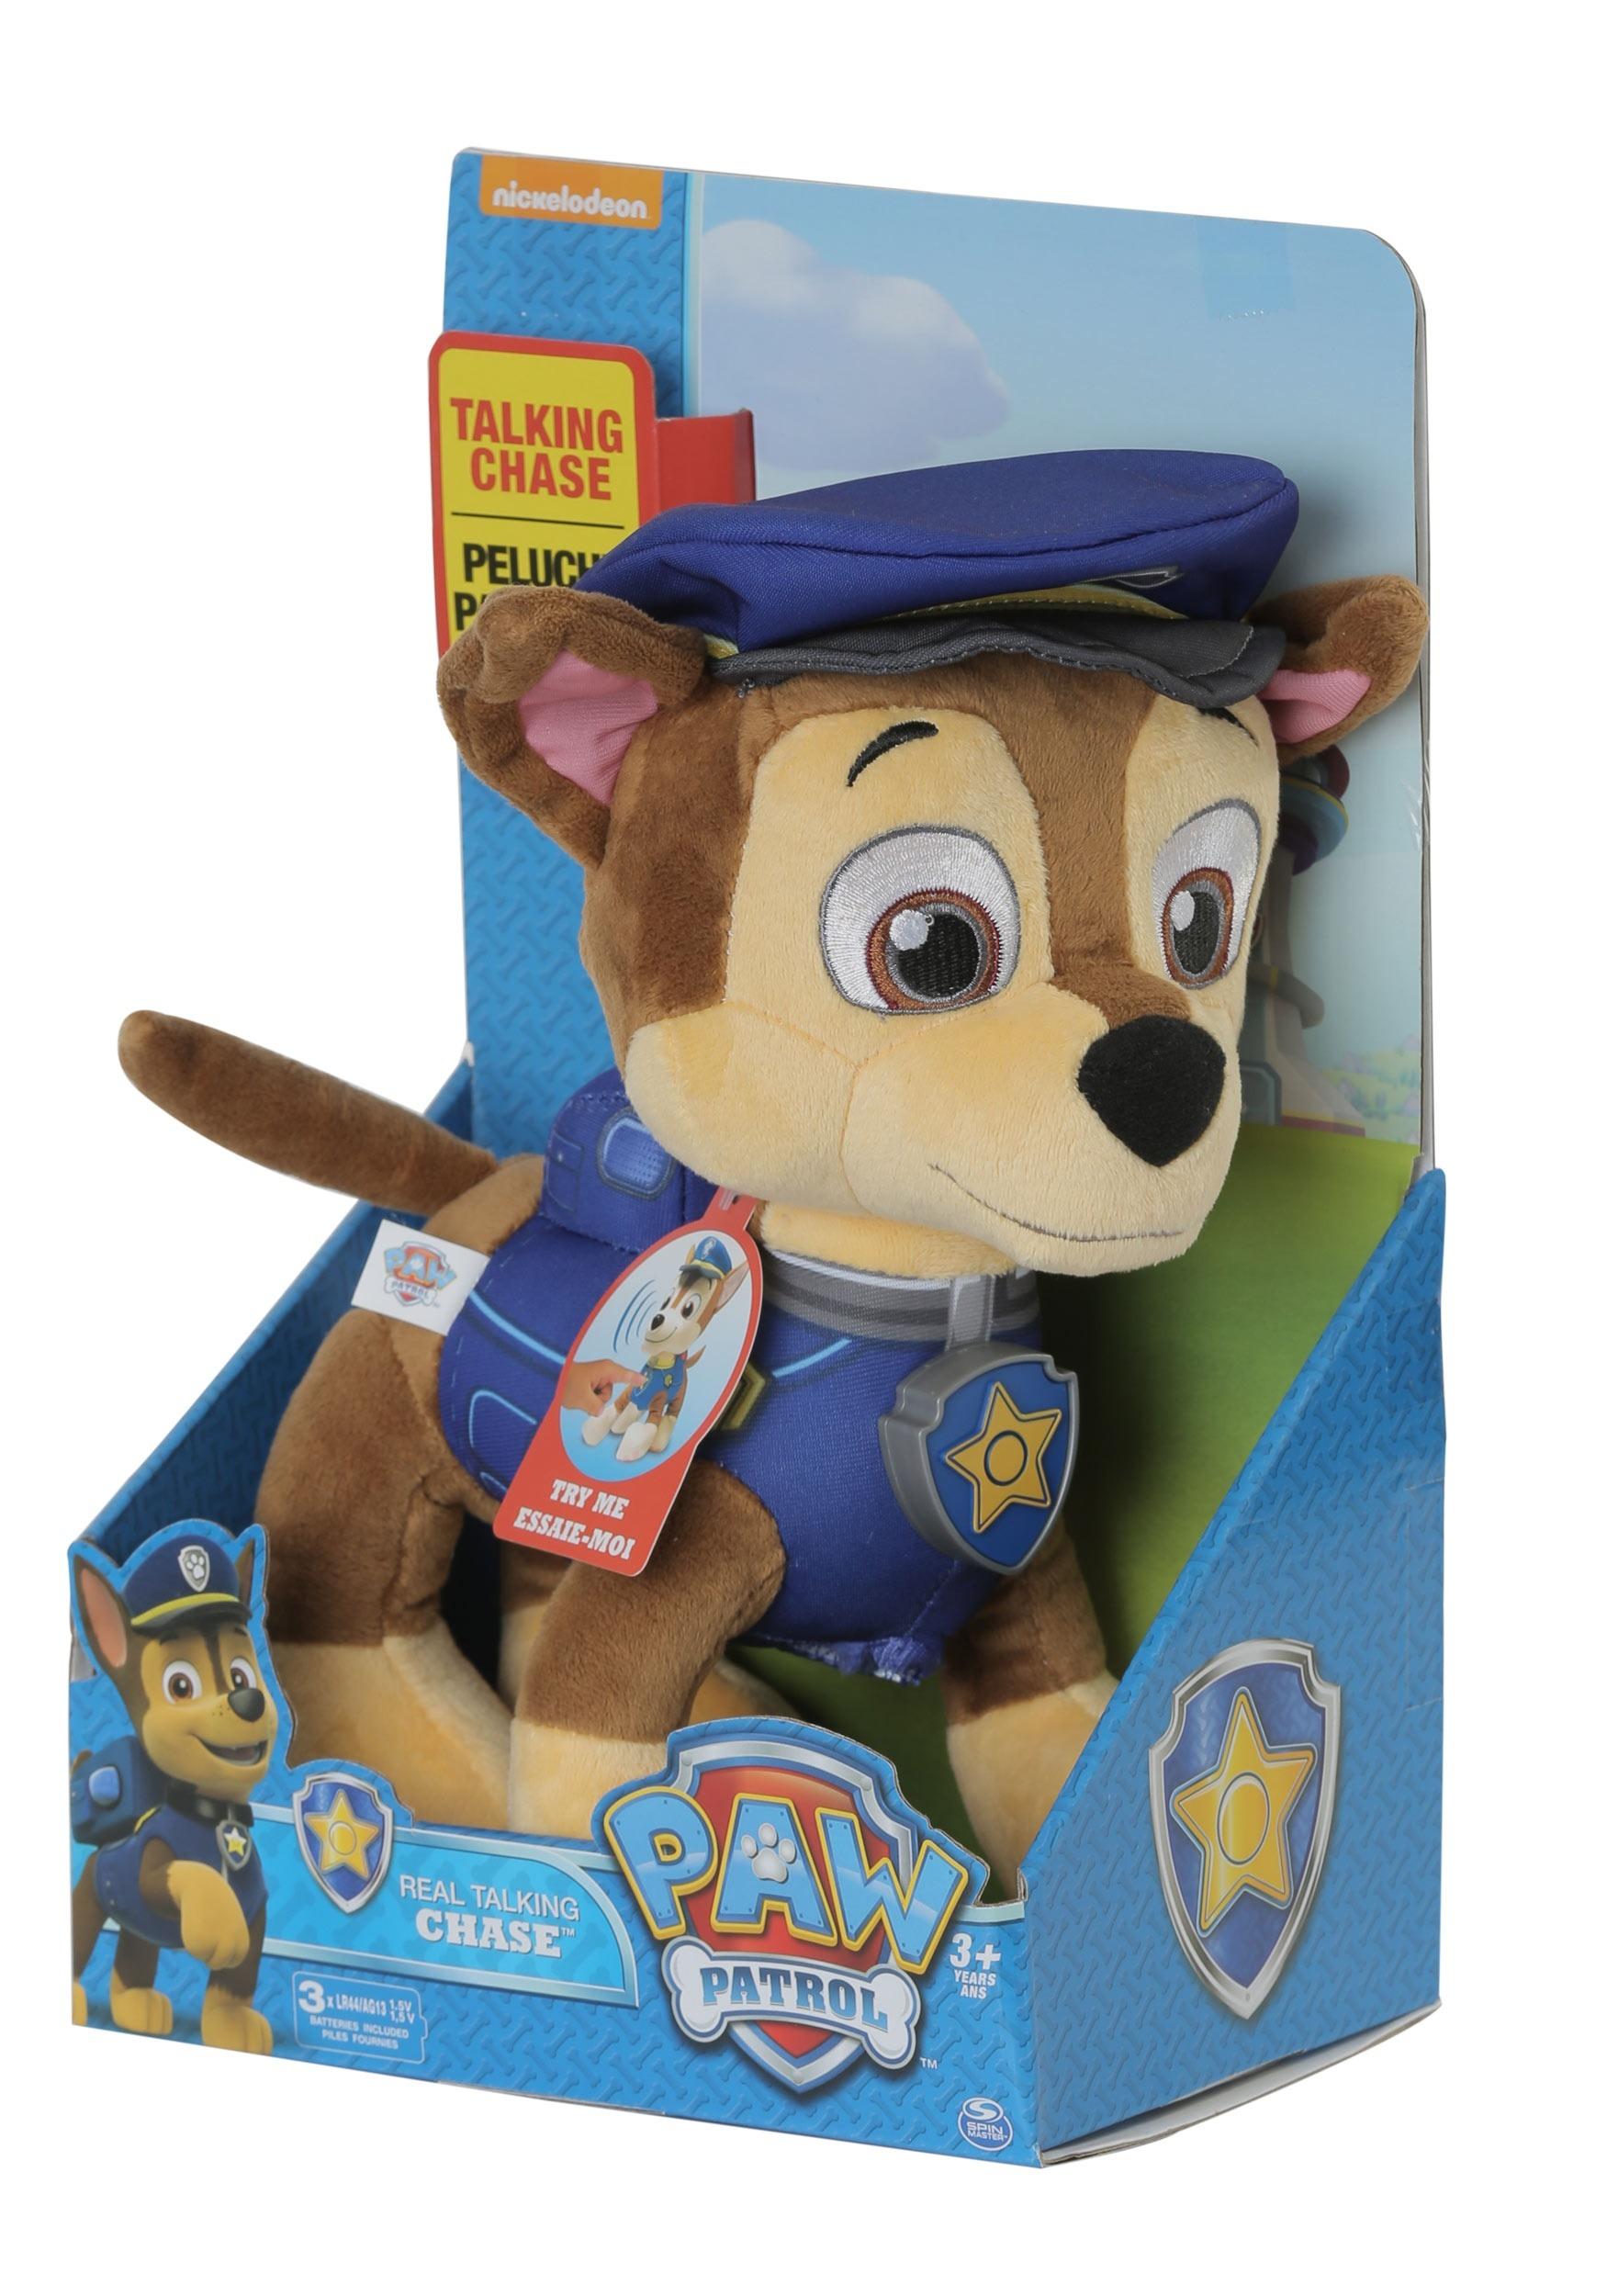 Paw Patrol Chase Talking Plush